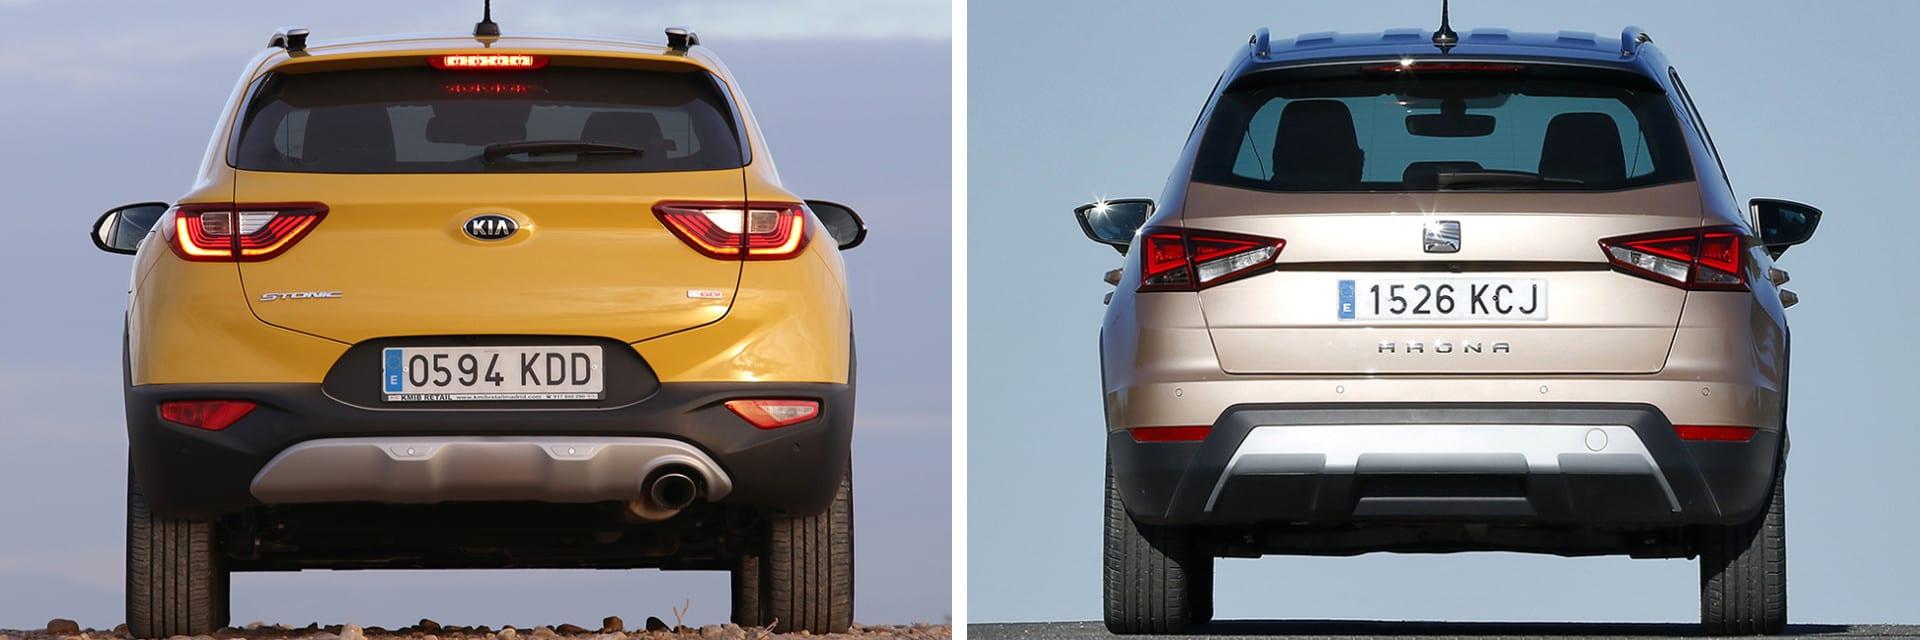 Tanto el Stonic (izq.) como el Arona (dcha.) son dos vehículos que responden bien en ciudad y en carretera.